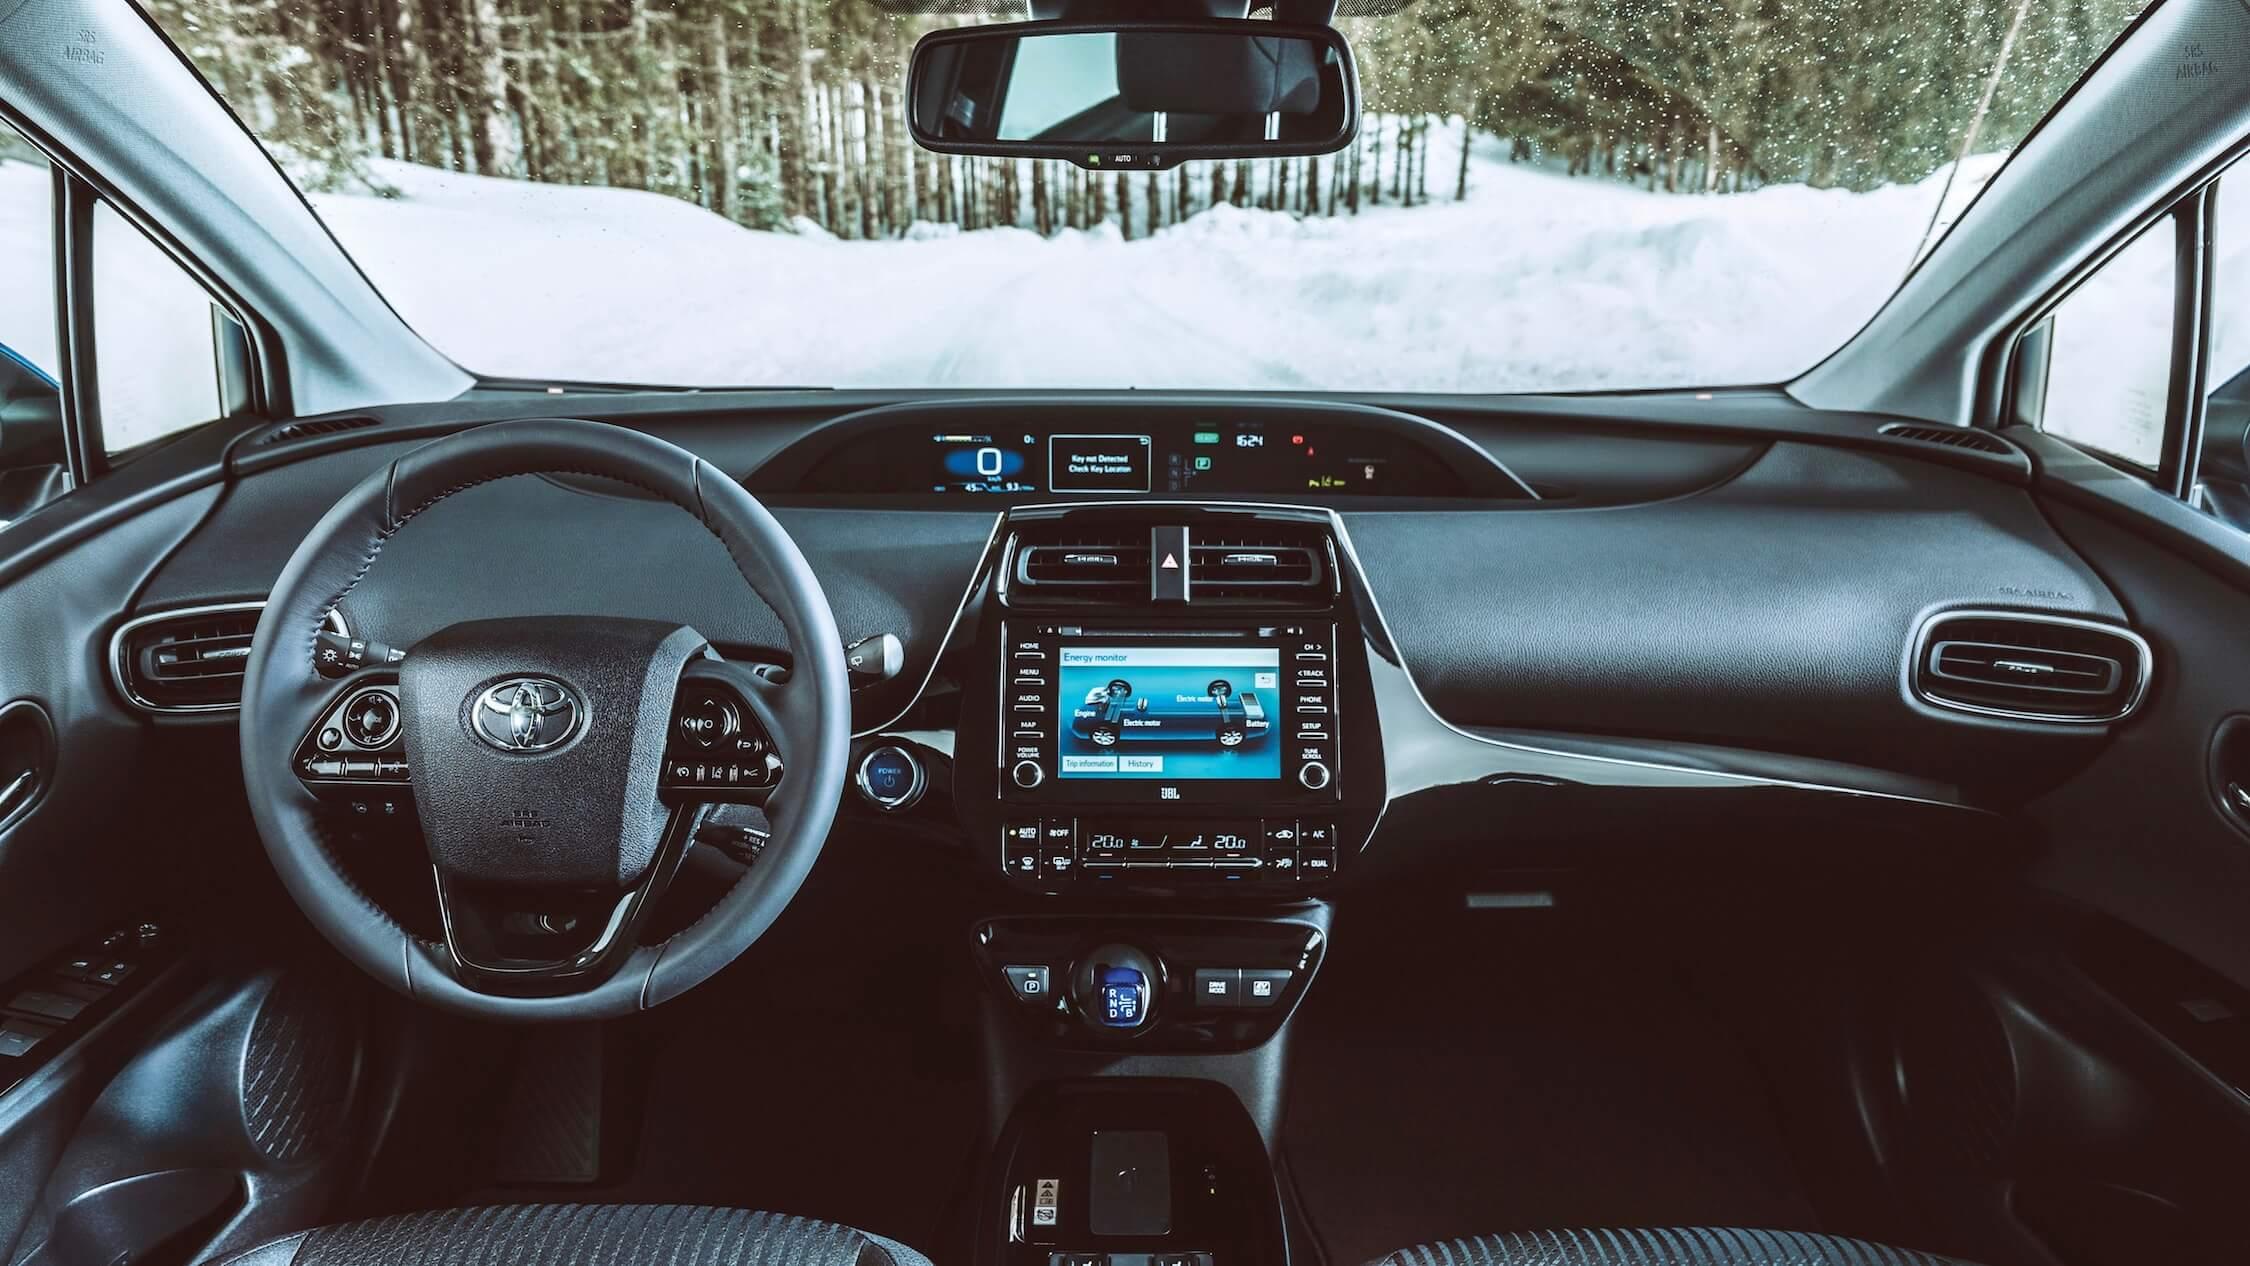 Toyota Prius interieur